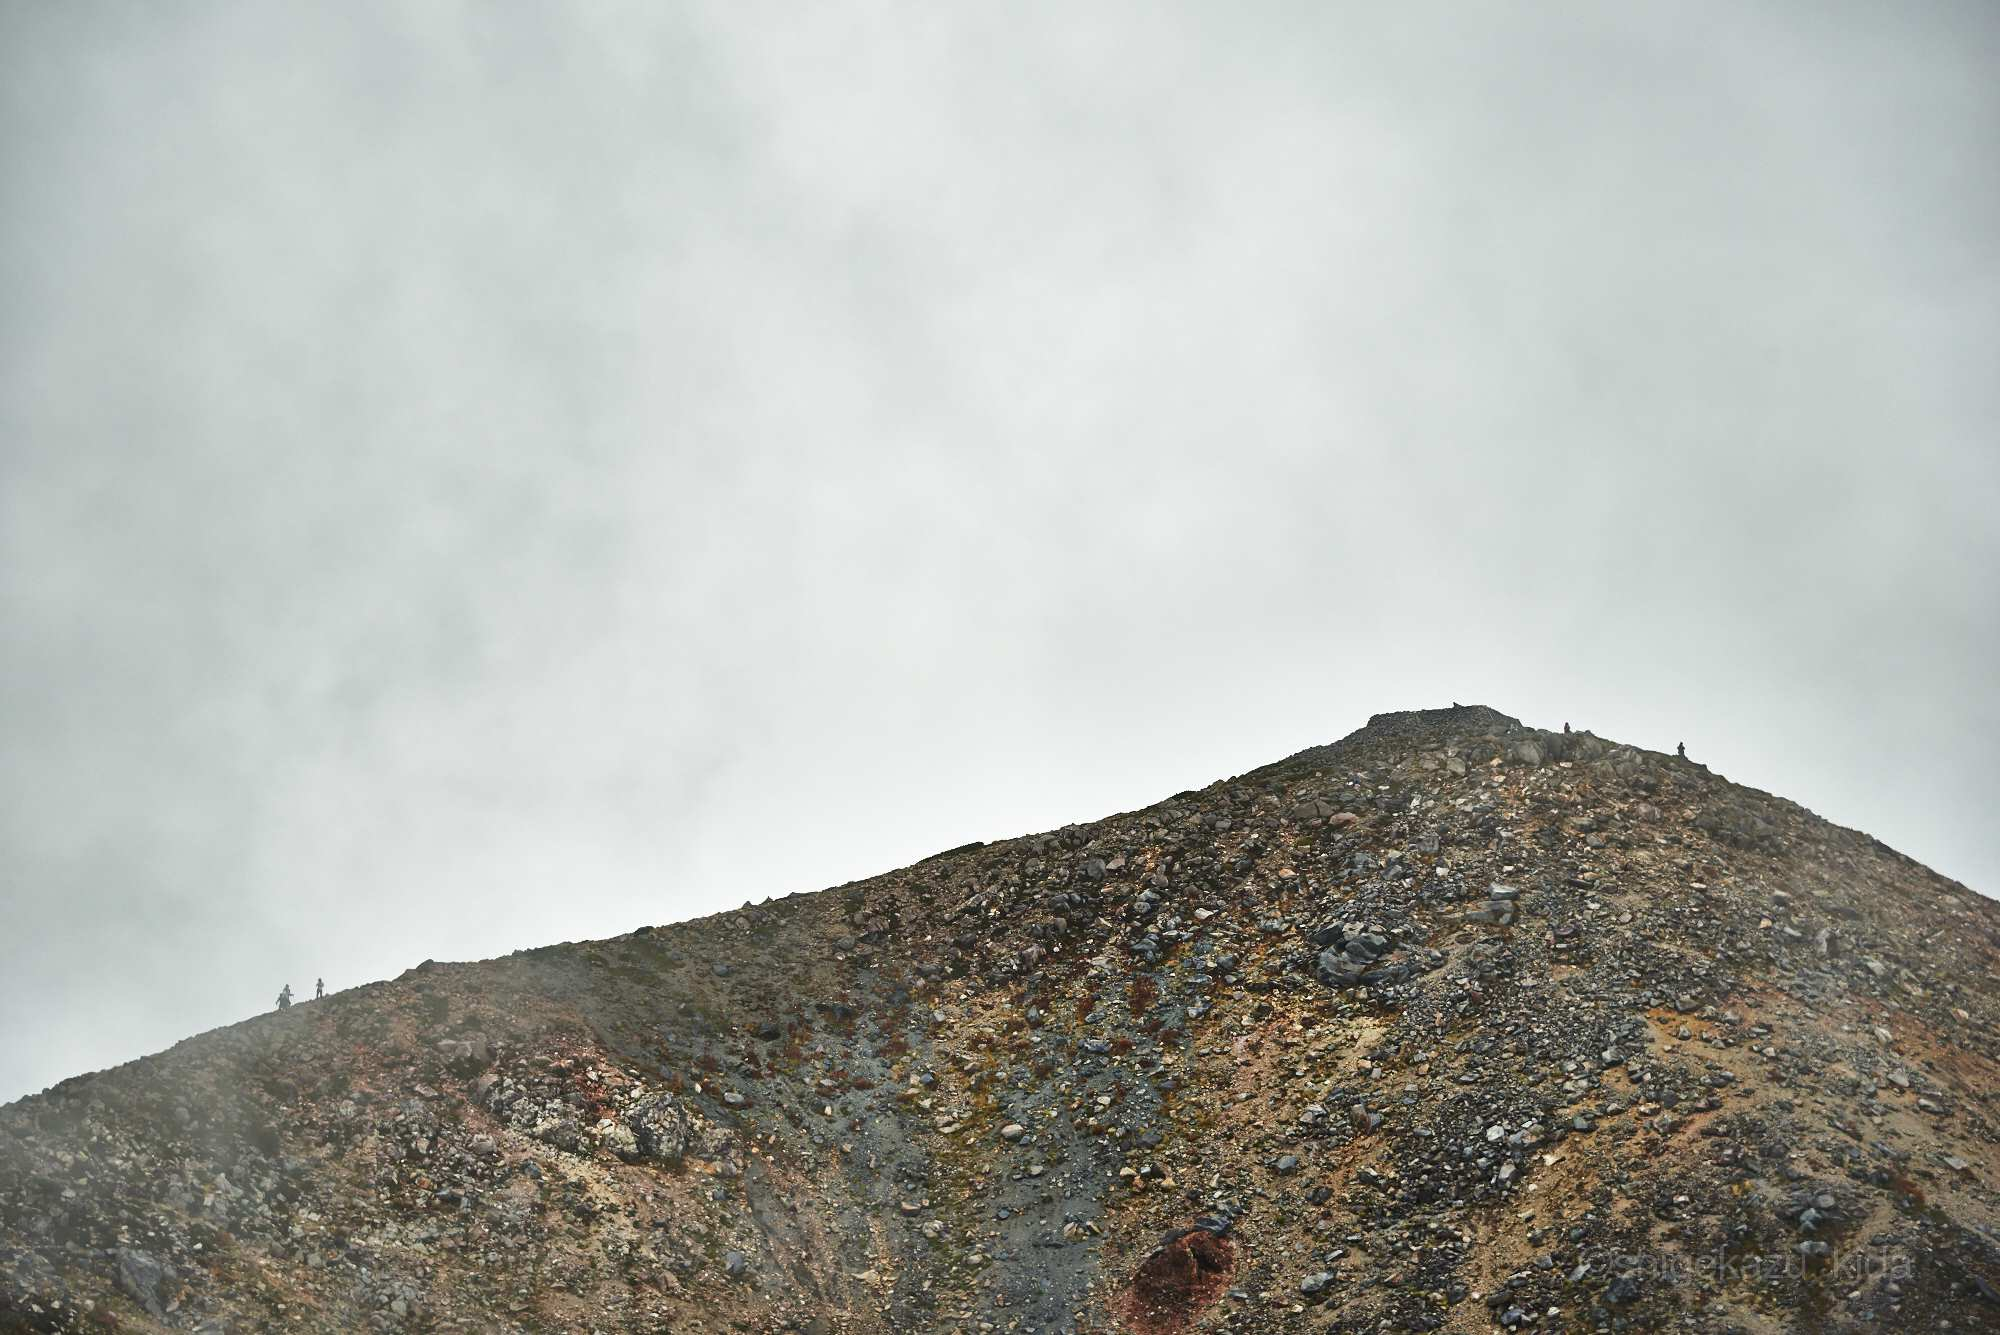 白山の稜線と登山者と雲